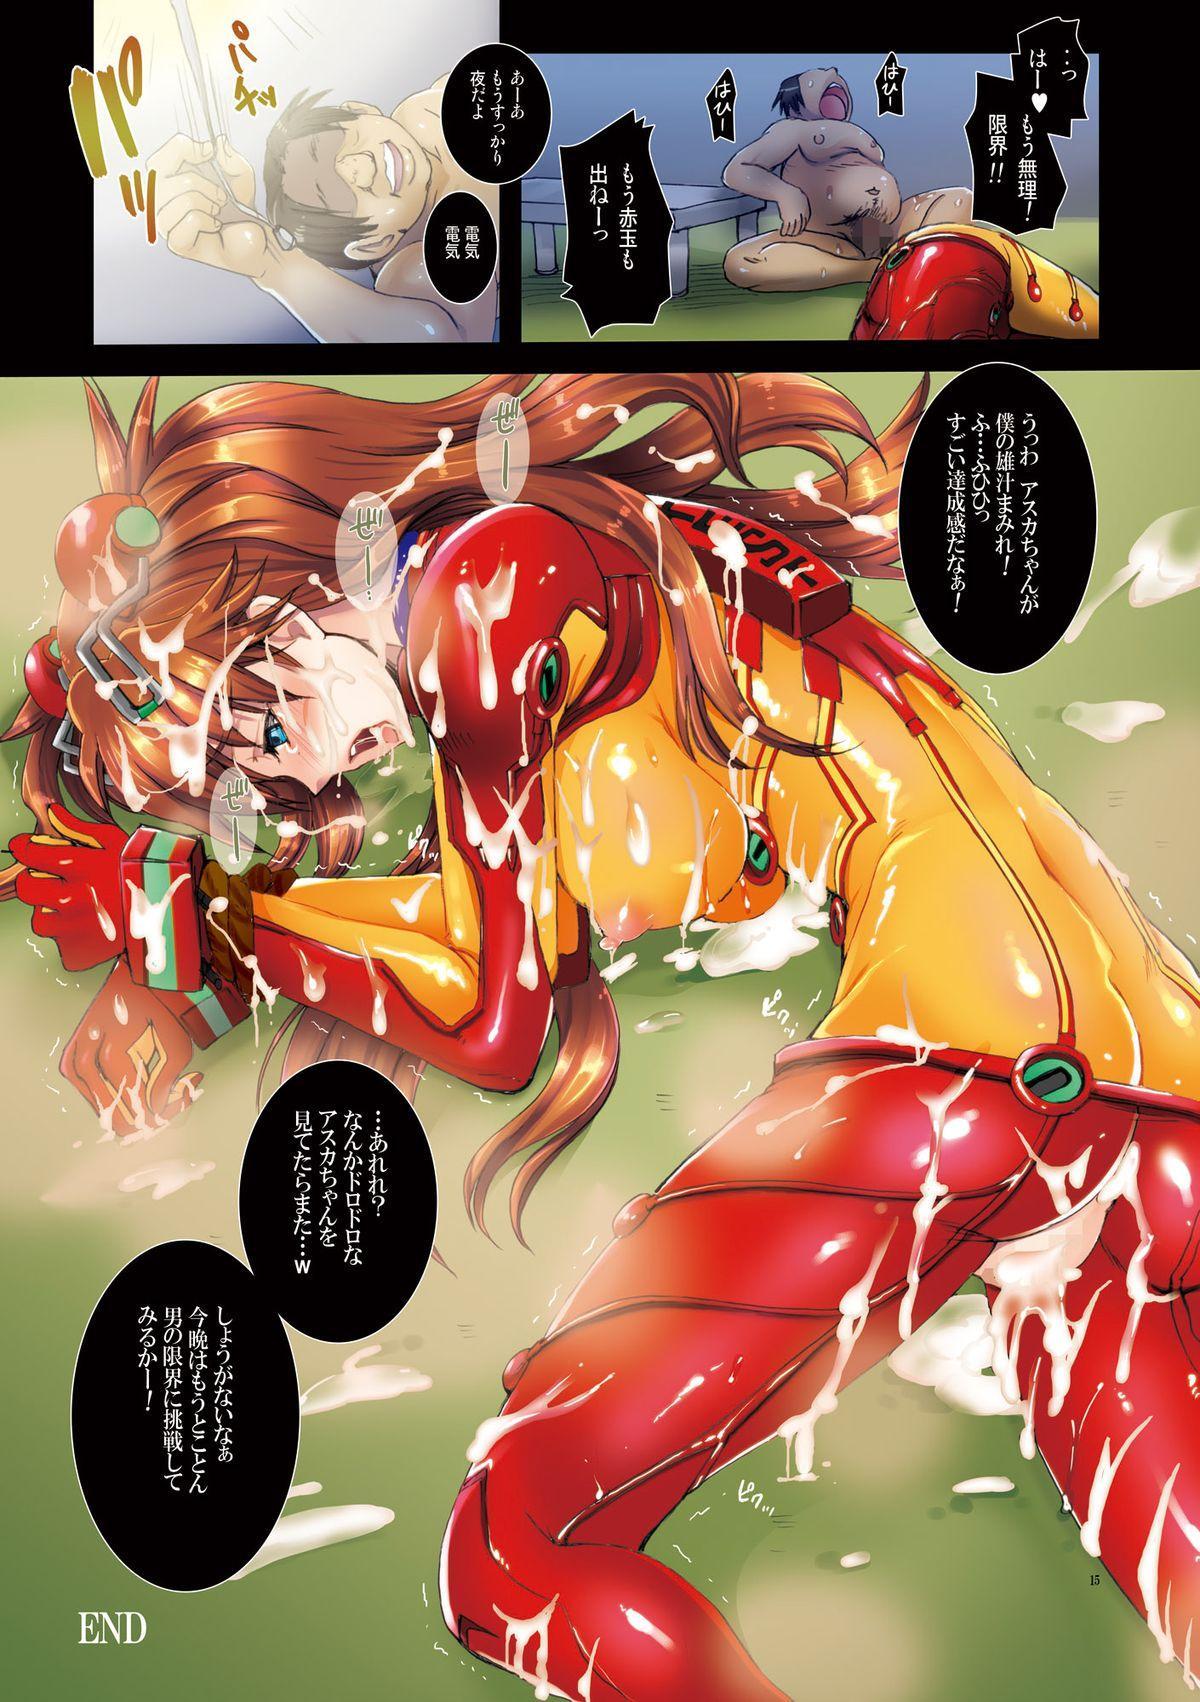 Rokujouma ni Asuka wo Kankin shite Tokunou OnaKin Jiru de Dorodoro ni Suru 14